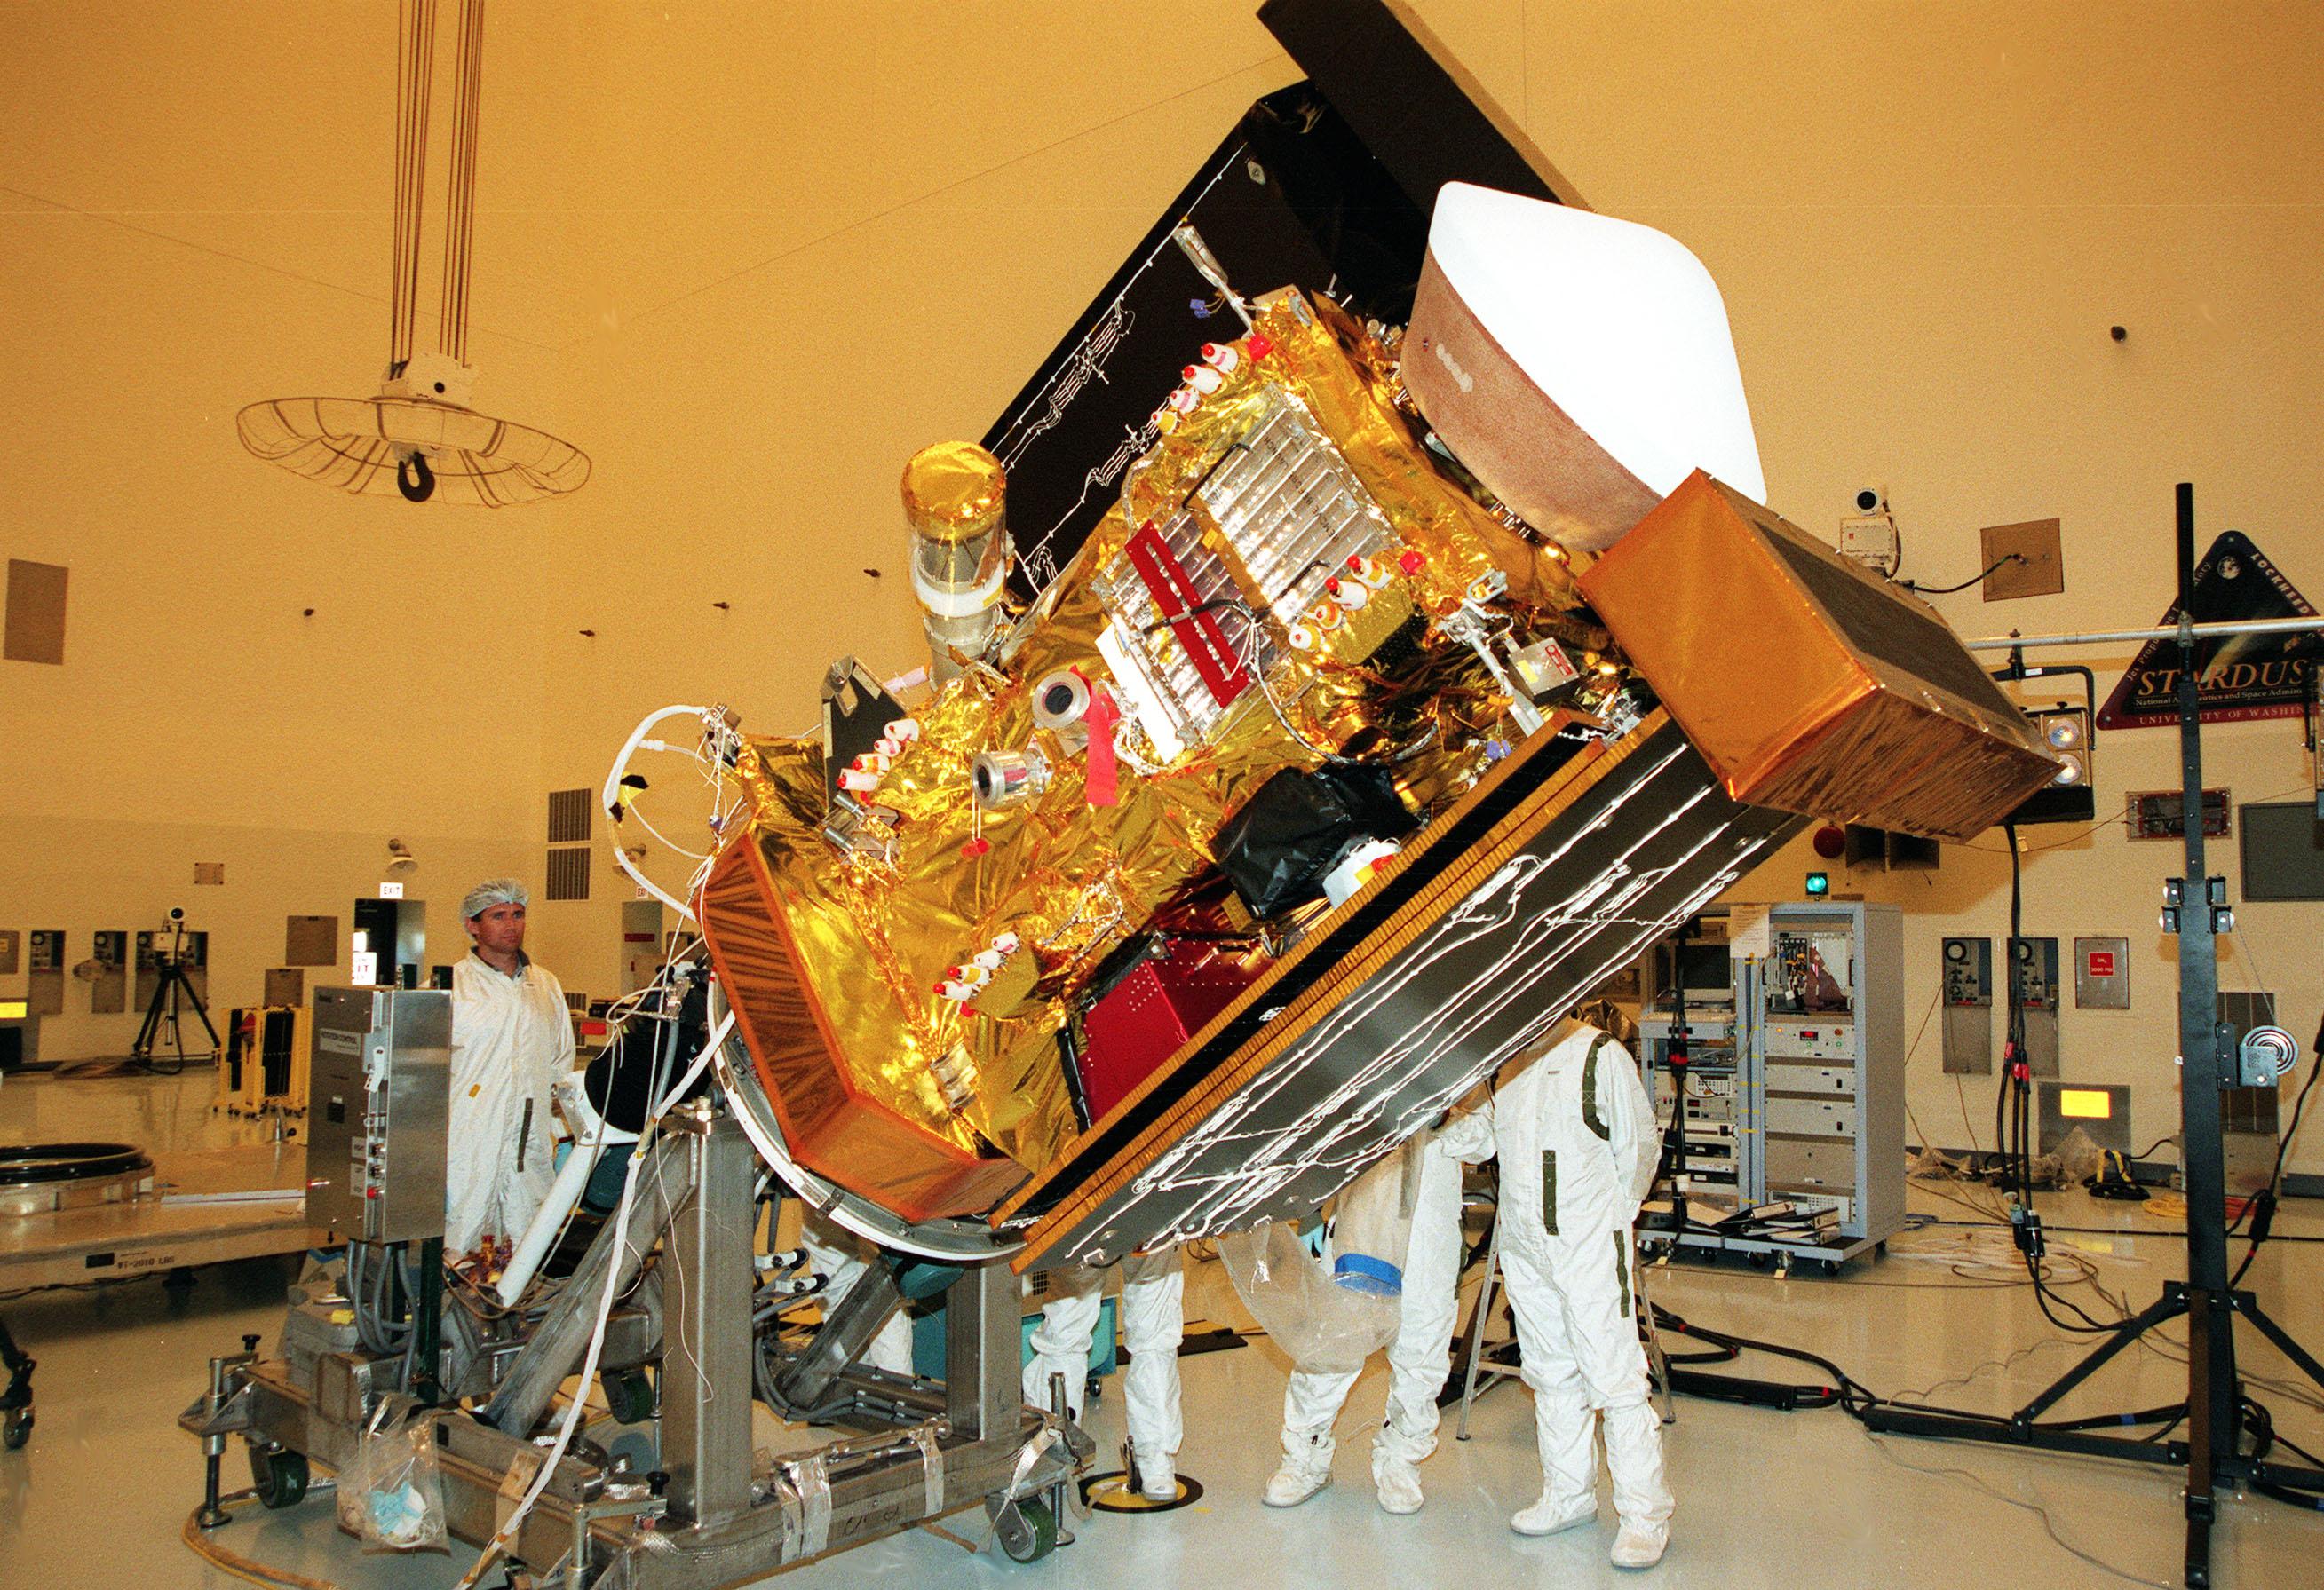 स्टारडस्ट (अंतरिक्ष यान)/ Stardust (spacecraft), 28856 miles per hour.